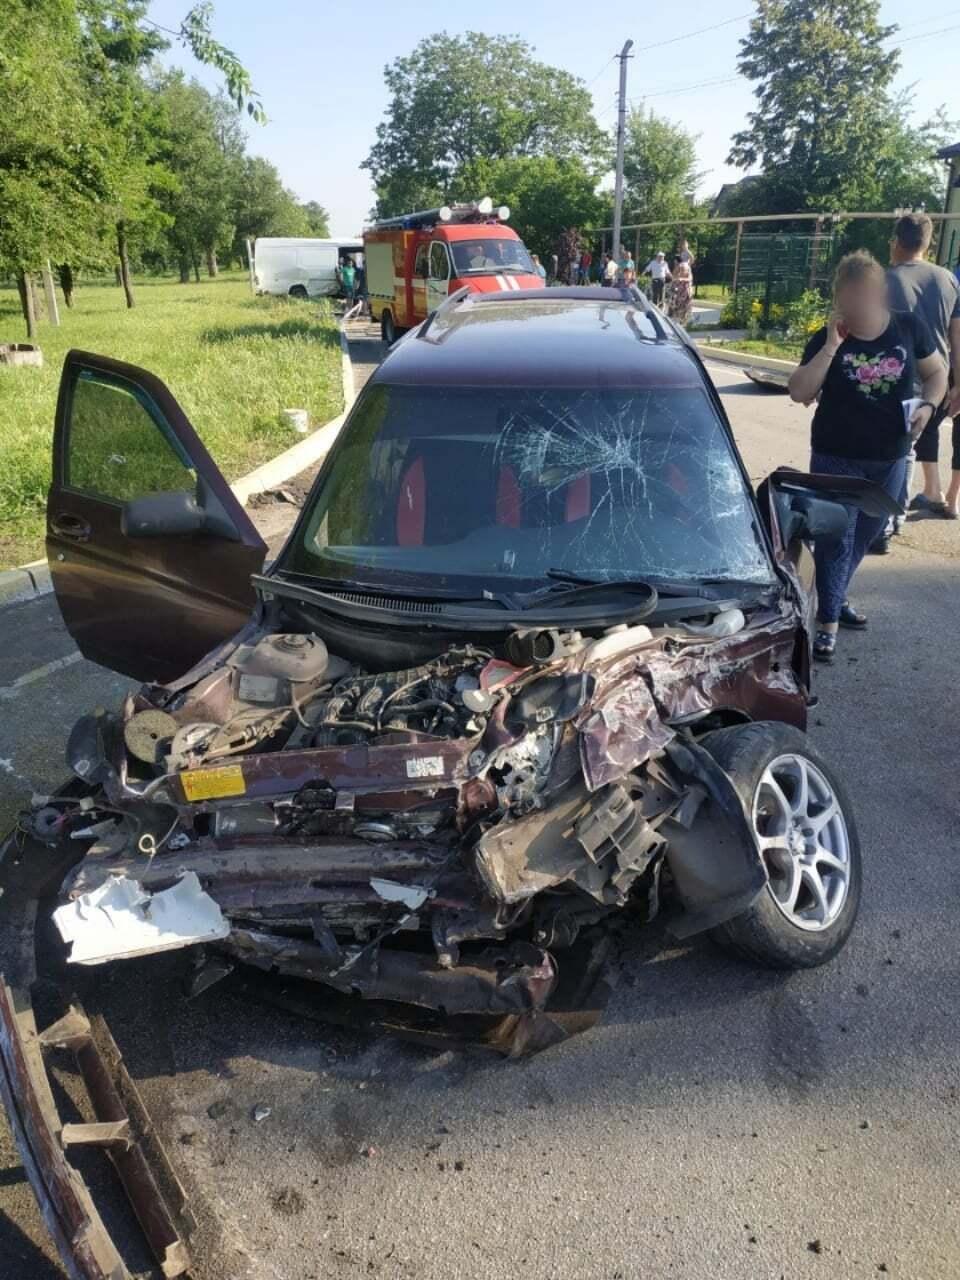 Автомобіль ВАЗ, який врізався в мікроавтобус Mercedes Sprinter на Дніпропетровщині